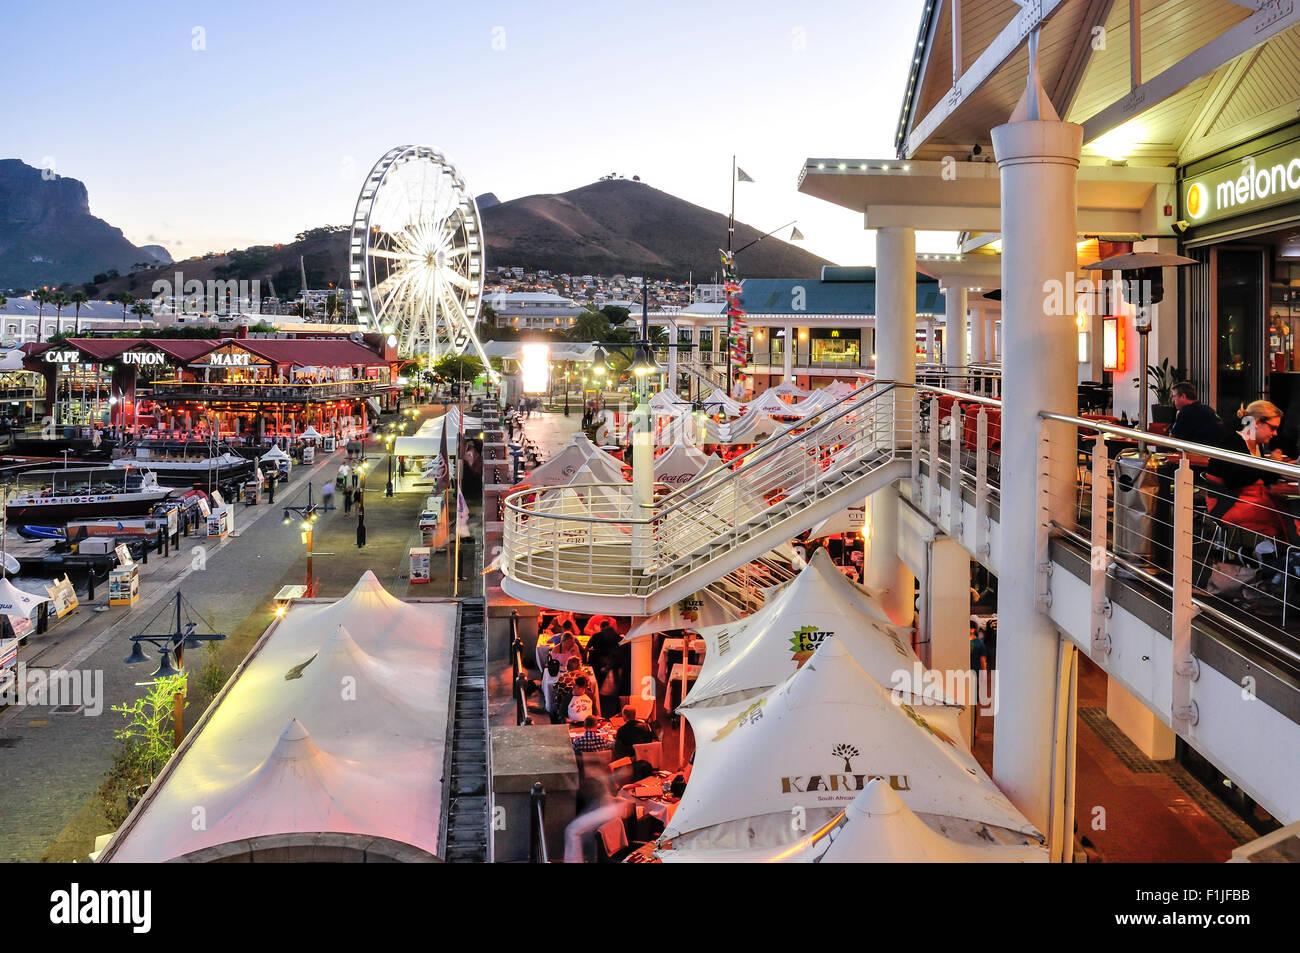 Victoria & Albert Waterfront al crepuscolo, Cape Town, Provincia del Capo occidentale, Repubblica del Sud Africa Immagini Stock